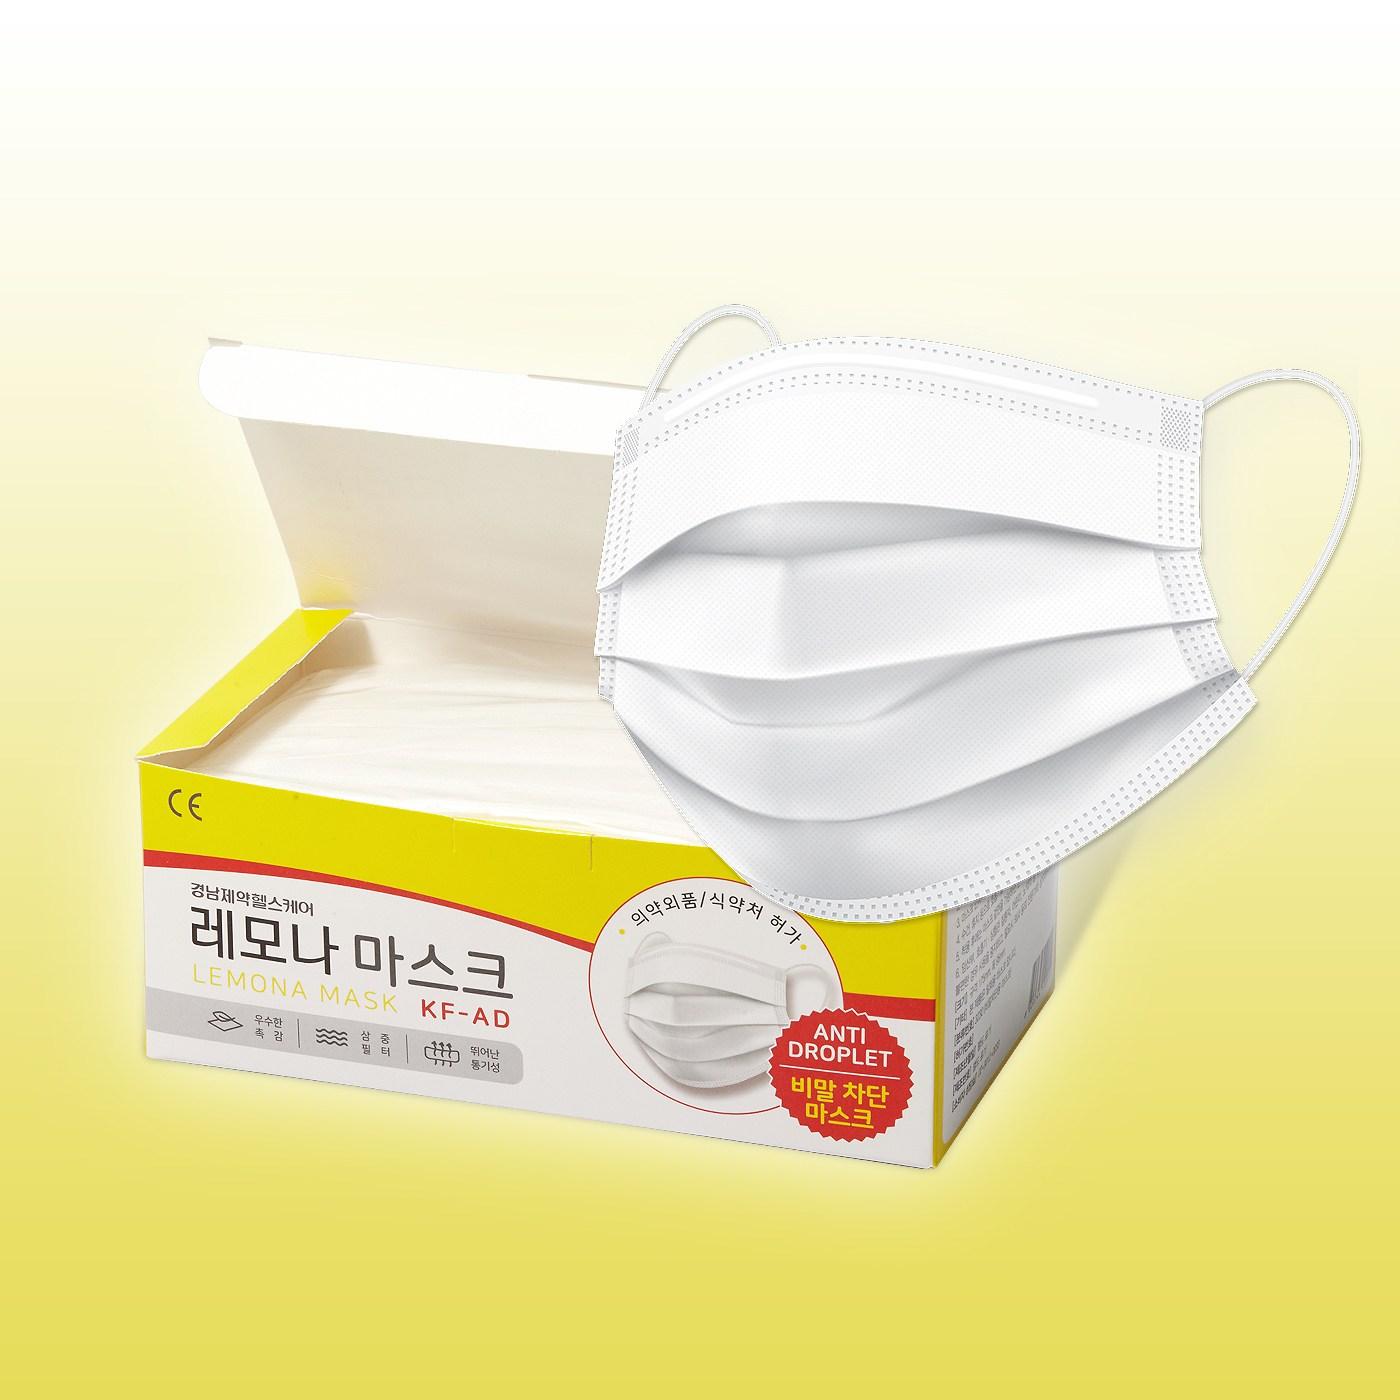 레모나 KF-AD 마스크 50개입, 50개, 1박스